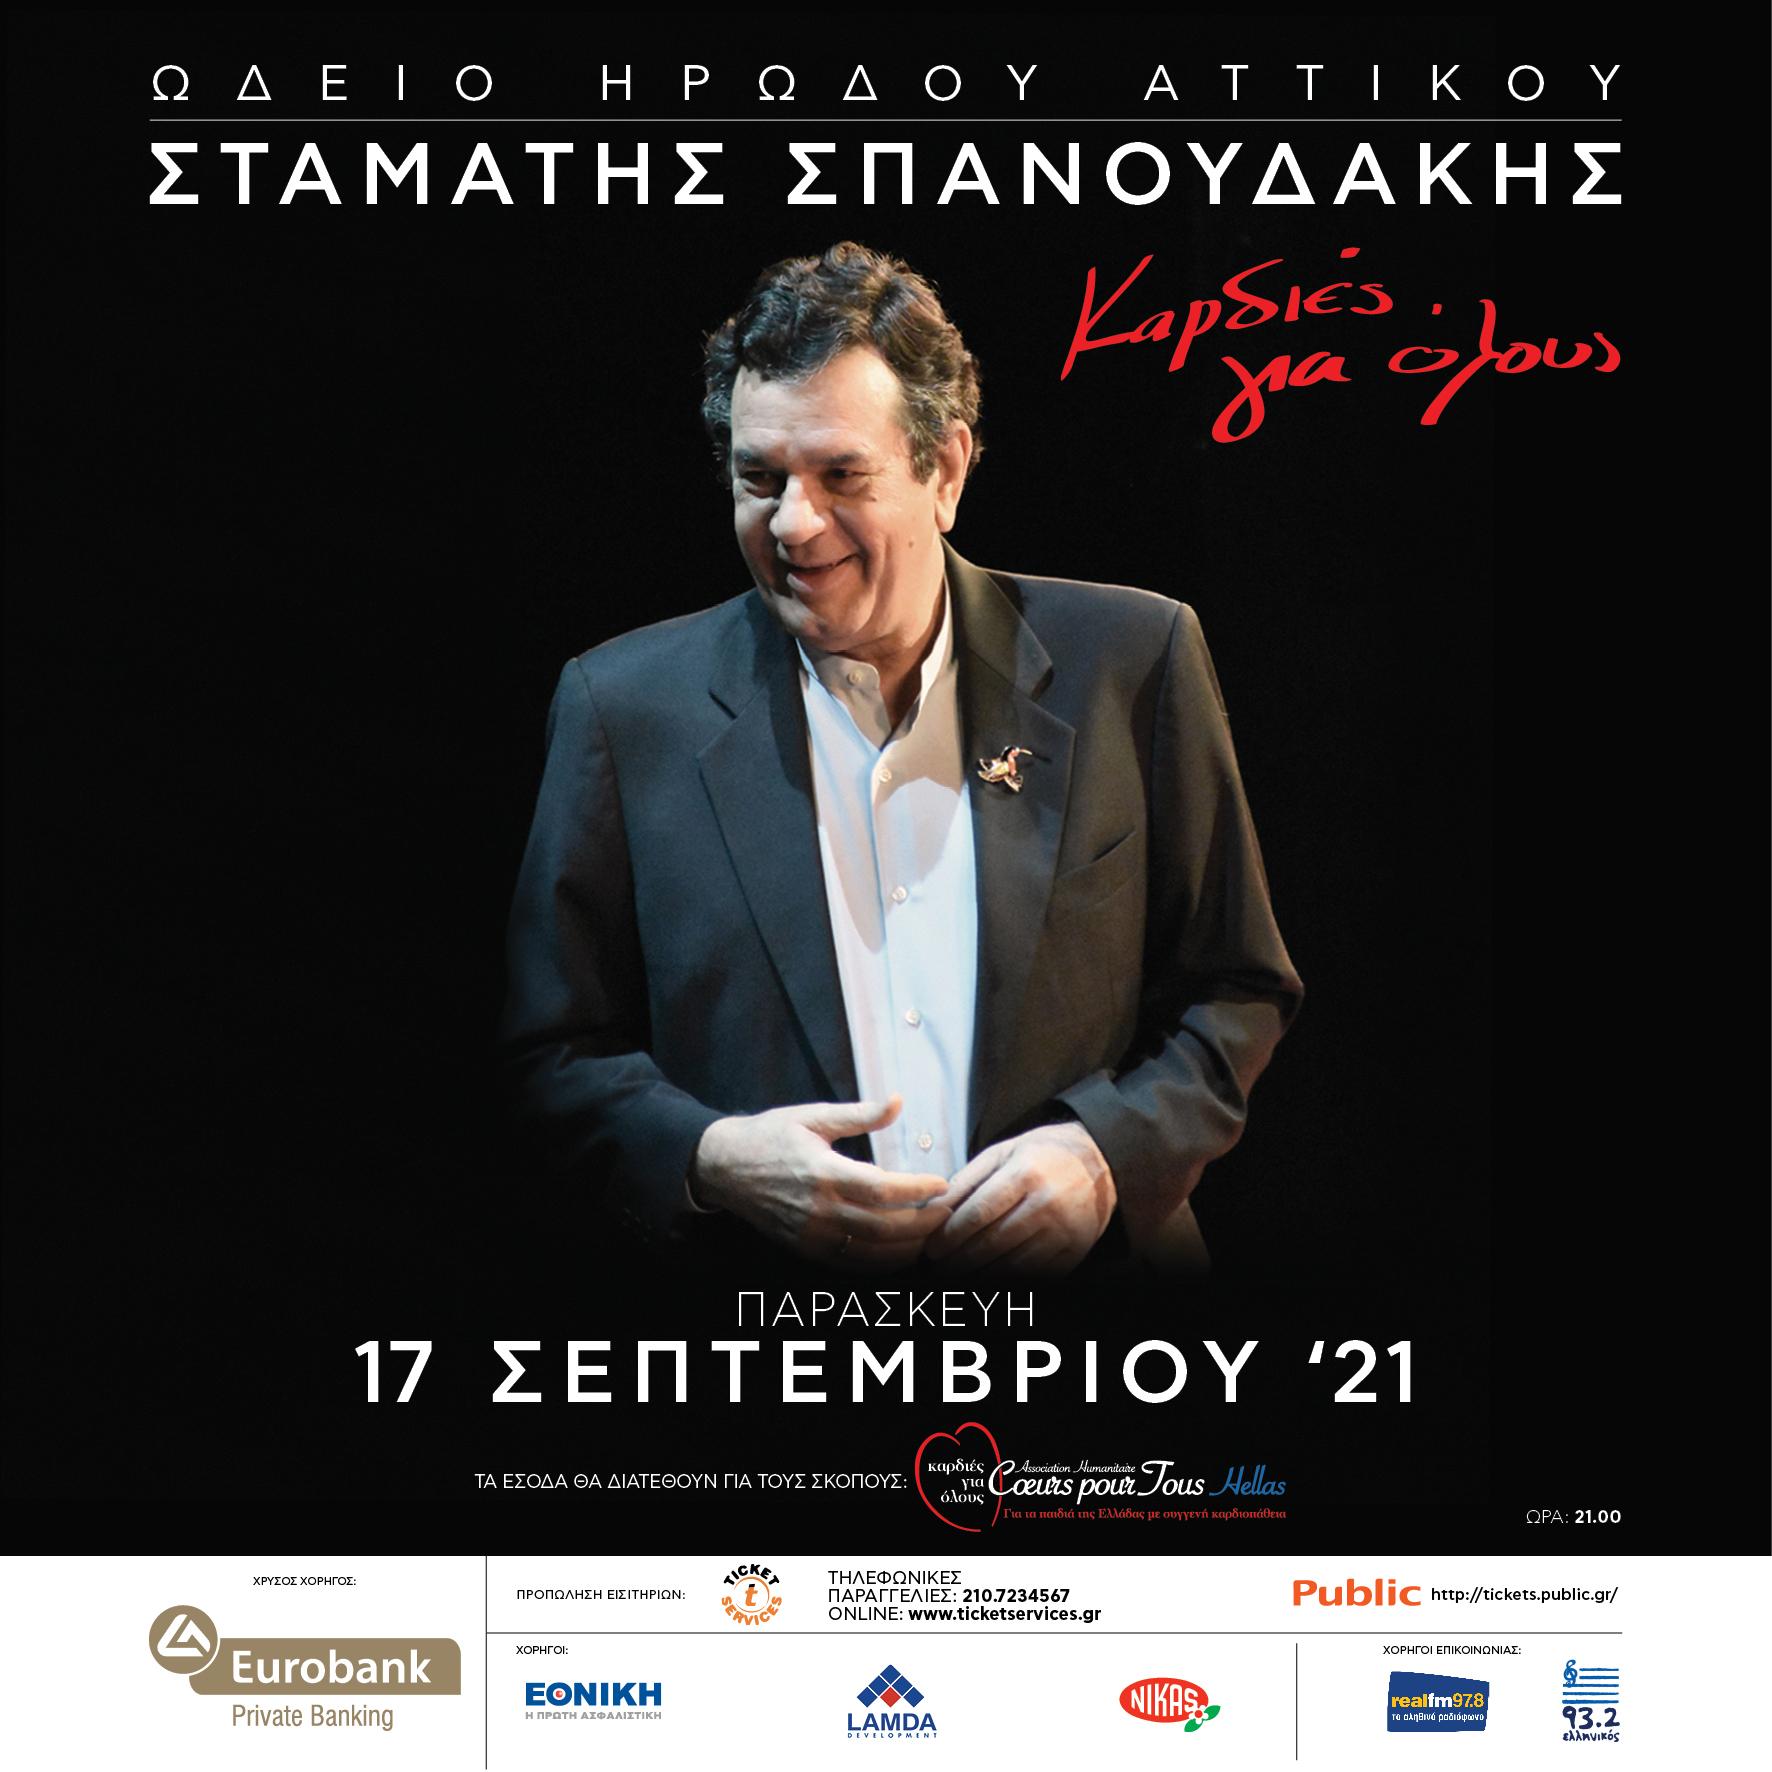 Ο Σταμάτης Σπανουδάκης θα δώσει συναυλία για το καρδιές για όλους